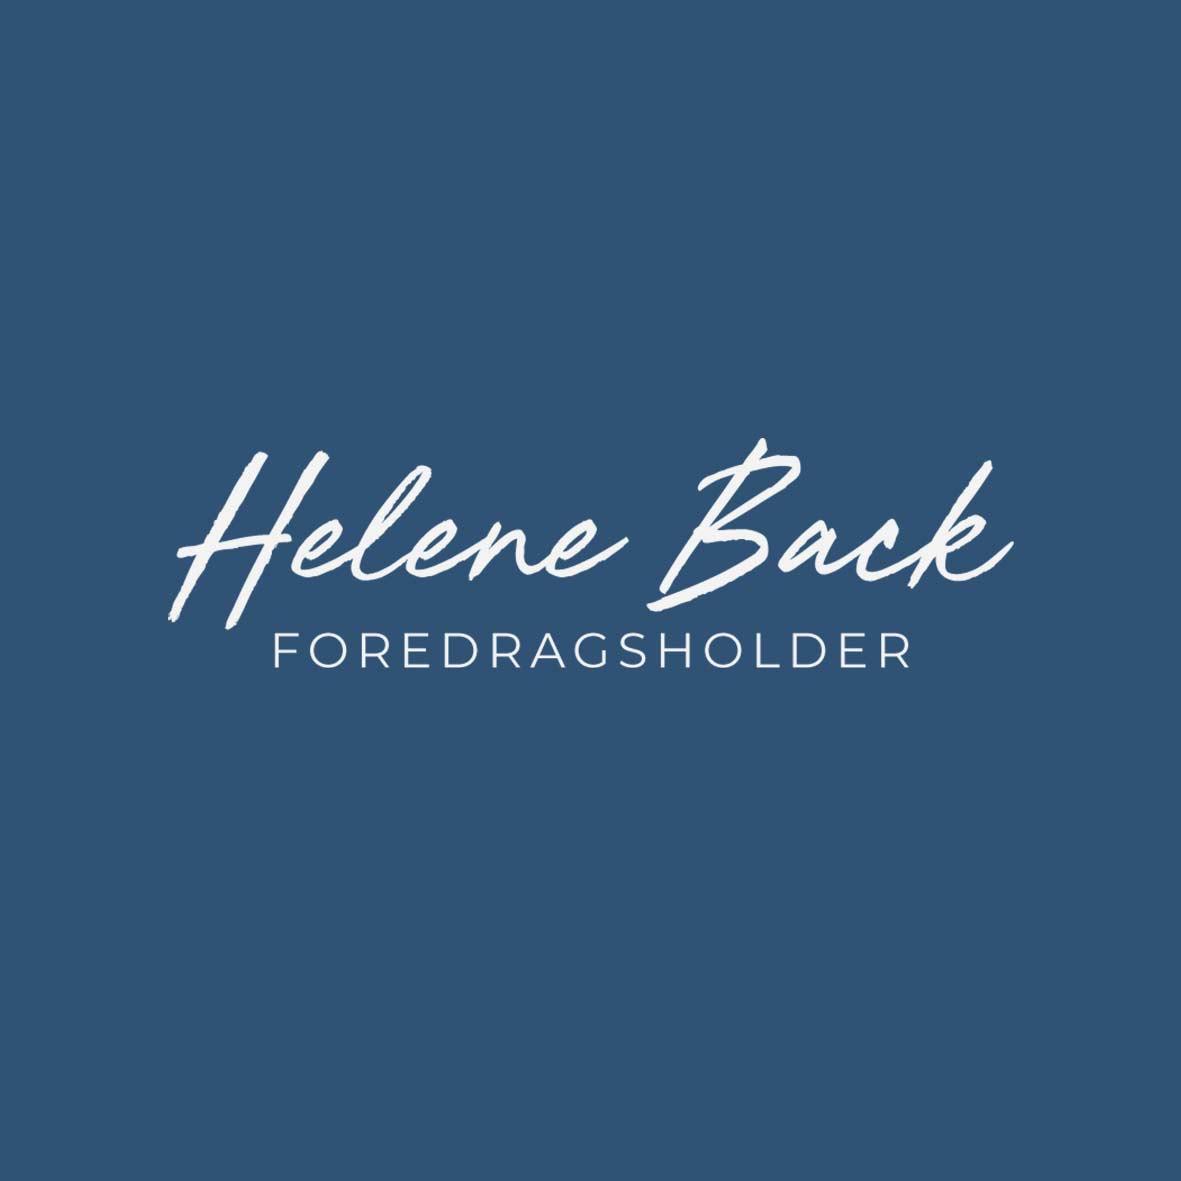 Helene back foredragsholder motivasjon grafisk designer, grafisk design, logo, tønsberg, nøtterøy, rimelig, kvalitet, fornøyde kunder, anbefalt, Vestfold, bright ideas, grafisk design byrå, oslo, grafisk design logo, gratis logo, hundelufting, soho, ilumi design, logoforslag, reklamebyrå, kvalitet, veronica poer, designbyrå best,designbyrå, lage hjemmeside , lage nettside, nettside design, logo design pris, grafisk design jobb, logodesign, firmalogo, grafisk design jobb, lage webside , visittkort, brosjyre, plakat, flyer, pdf, trykk, design, magasin, logo, webdesigner, webdesign, nettsider